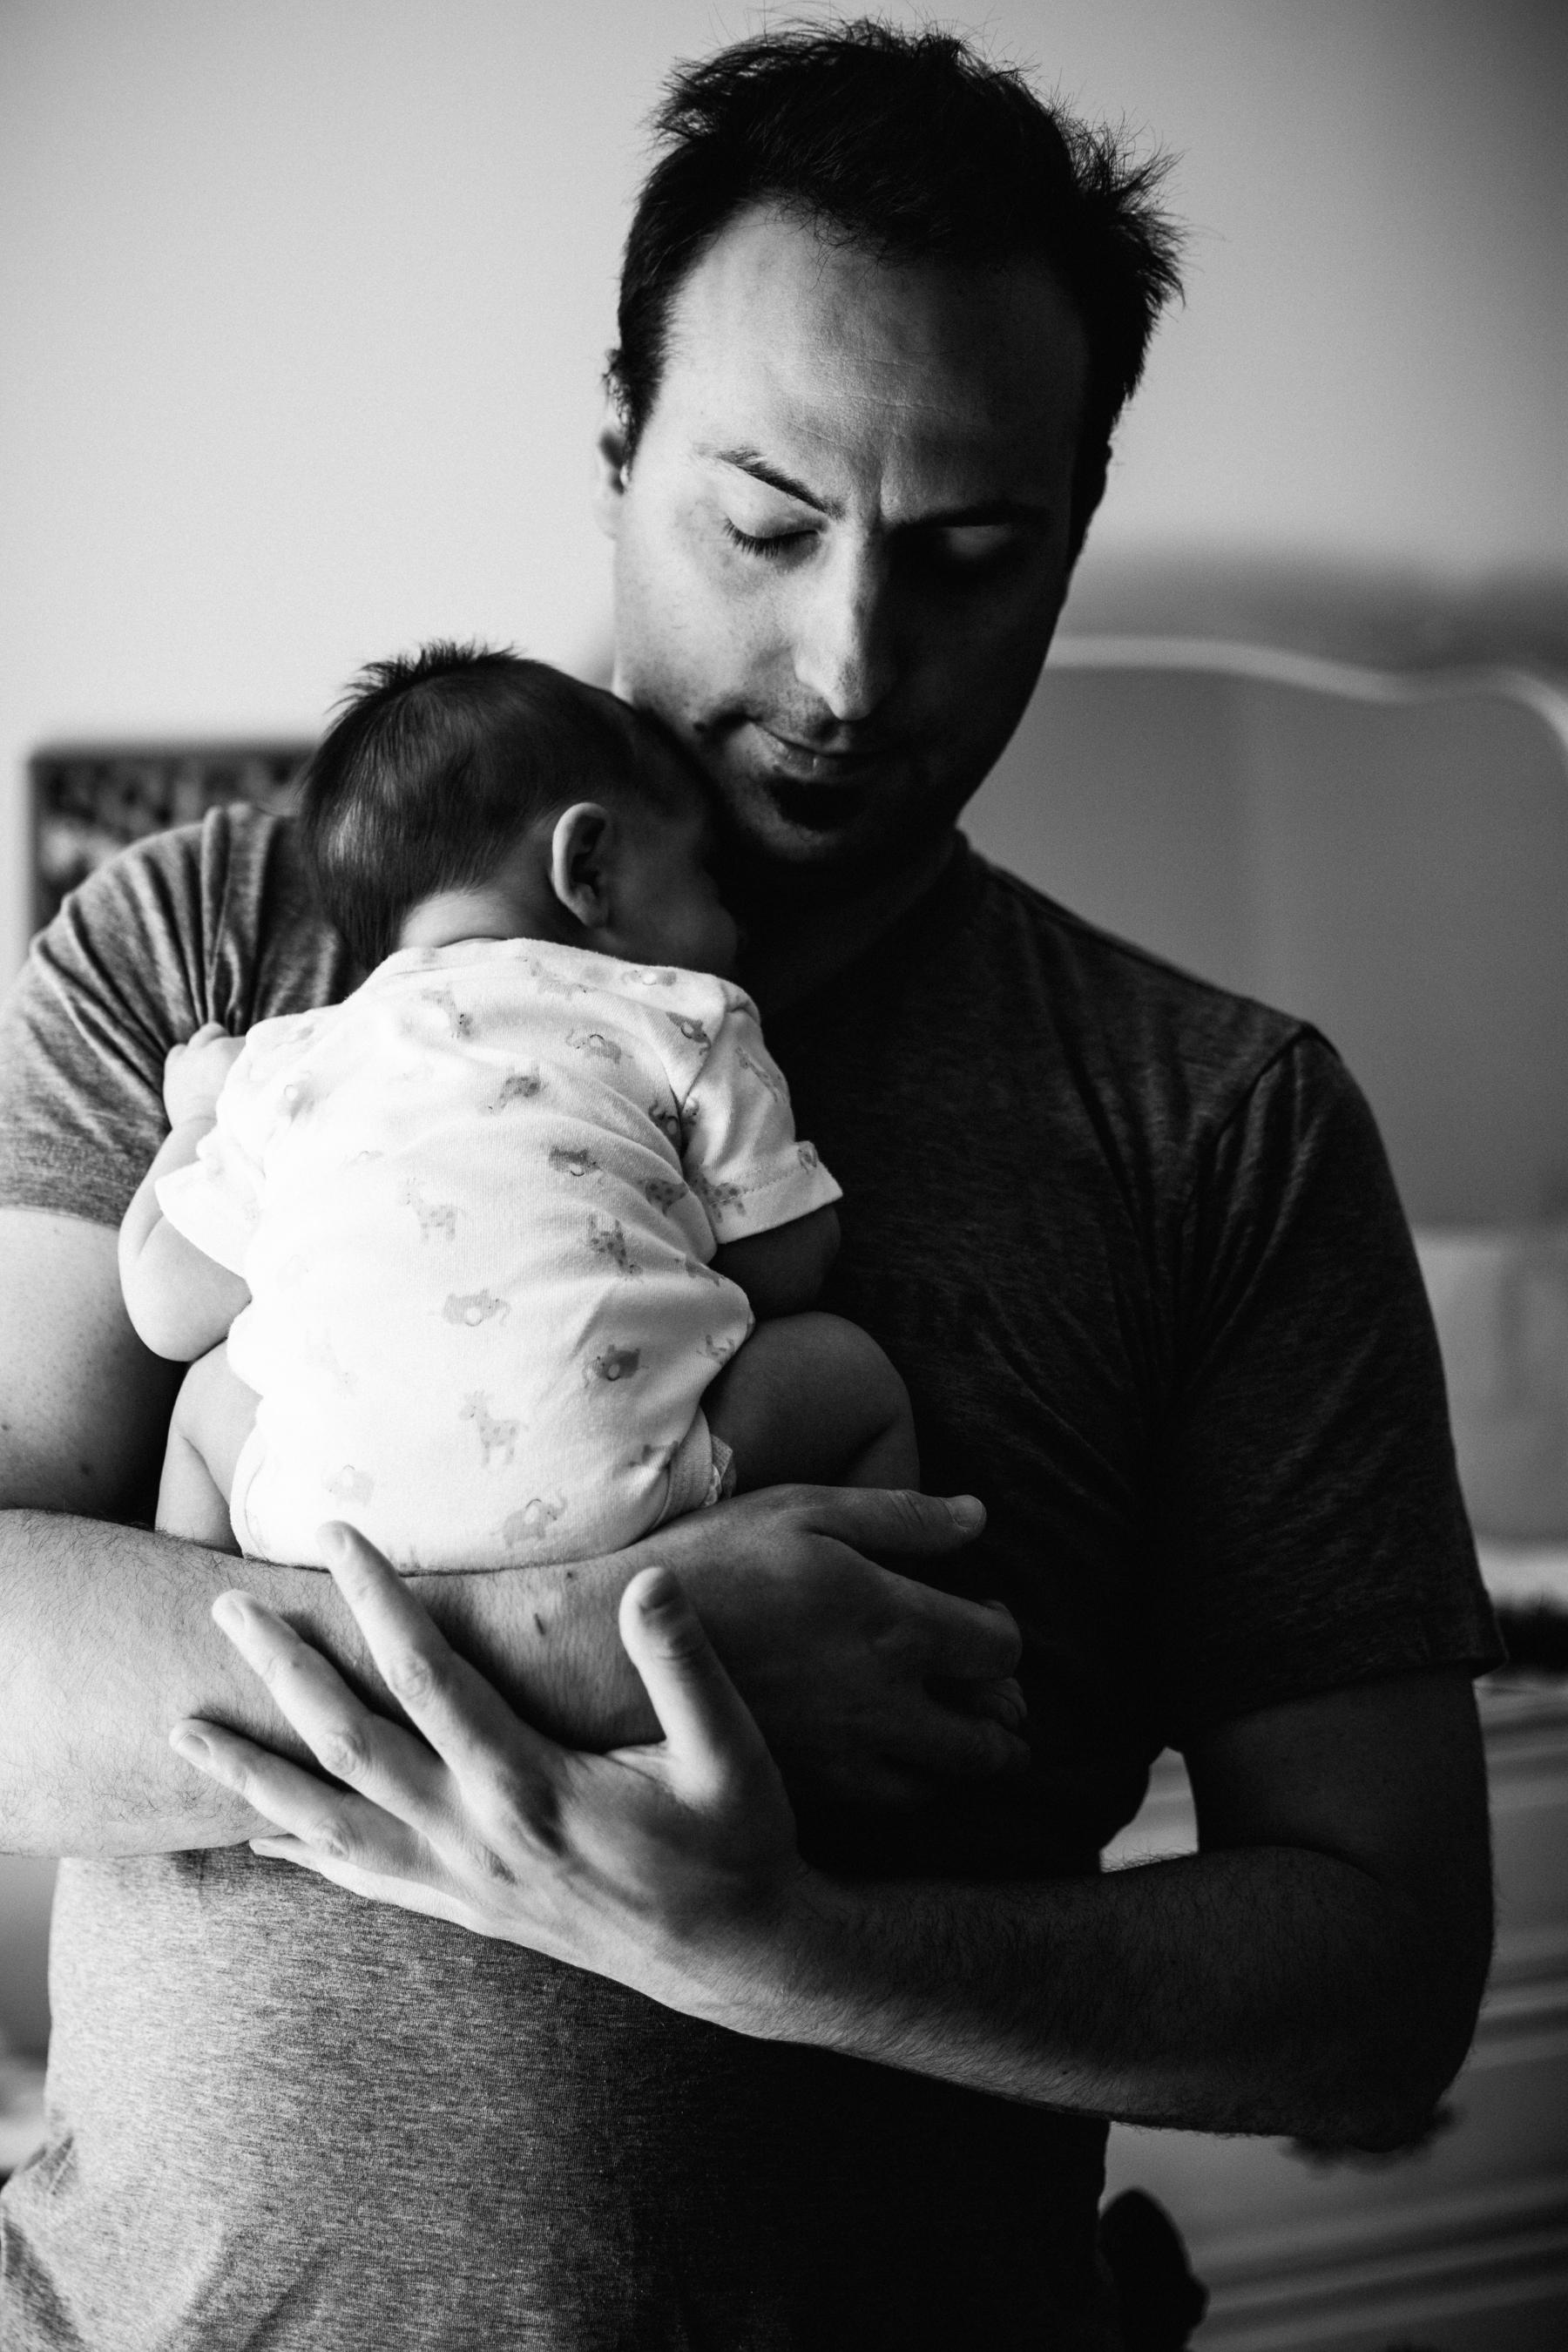 010-photo-noir-et-blanc-dun-papa-qui-tient-son-bebe-en-boule-contre-sa-poitrine-photographe-lifestyle-famille-et-nouveau-ne-a-montreal-marianne-charland-63.jpg